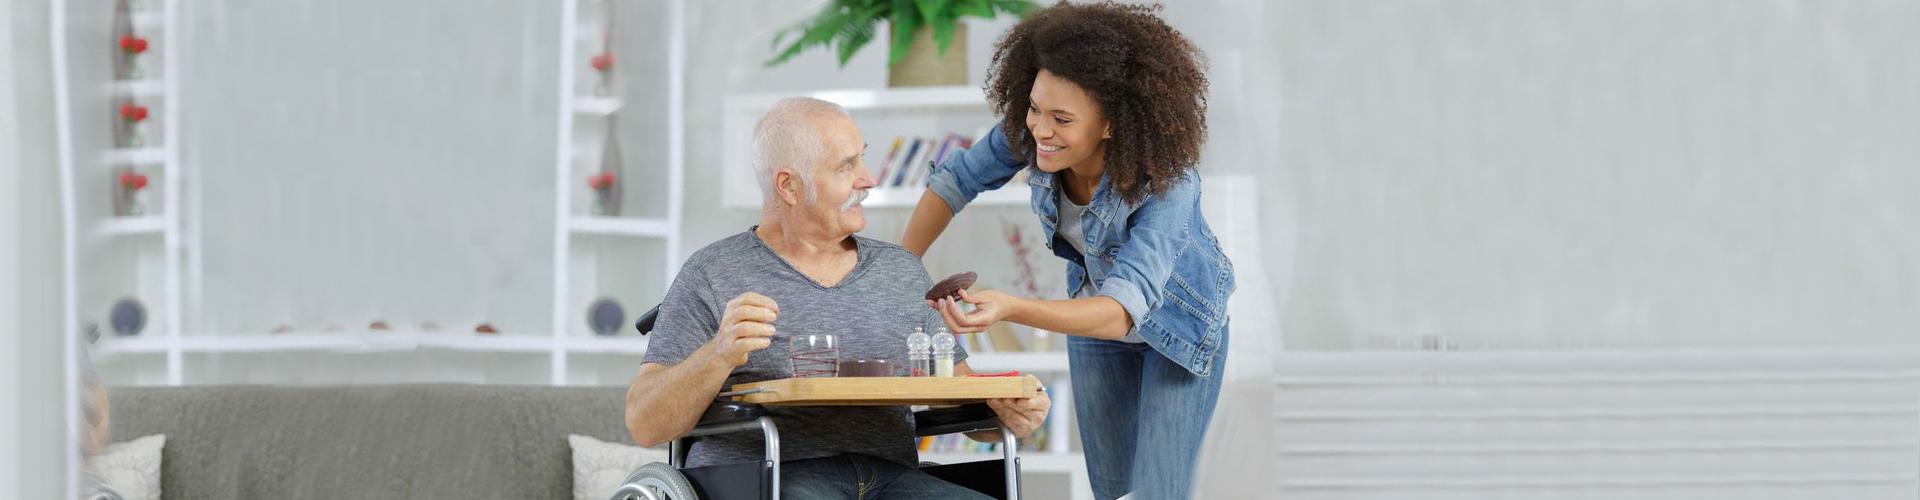 a happy smiling senior man and a caregiver